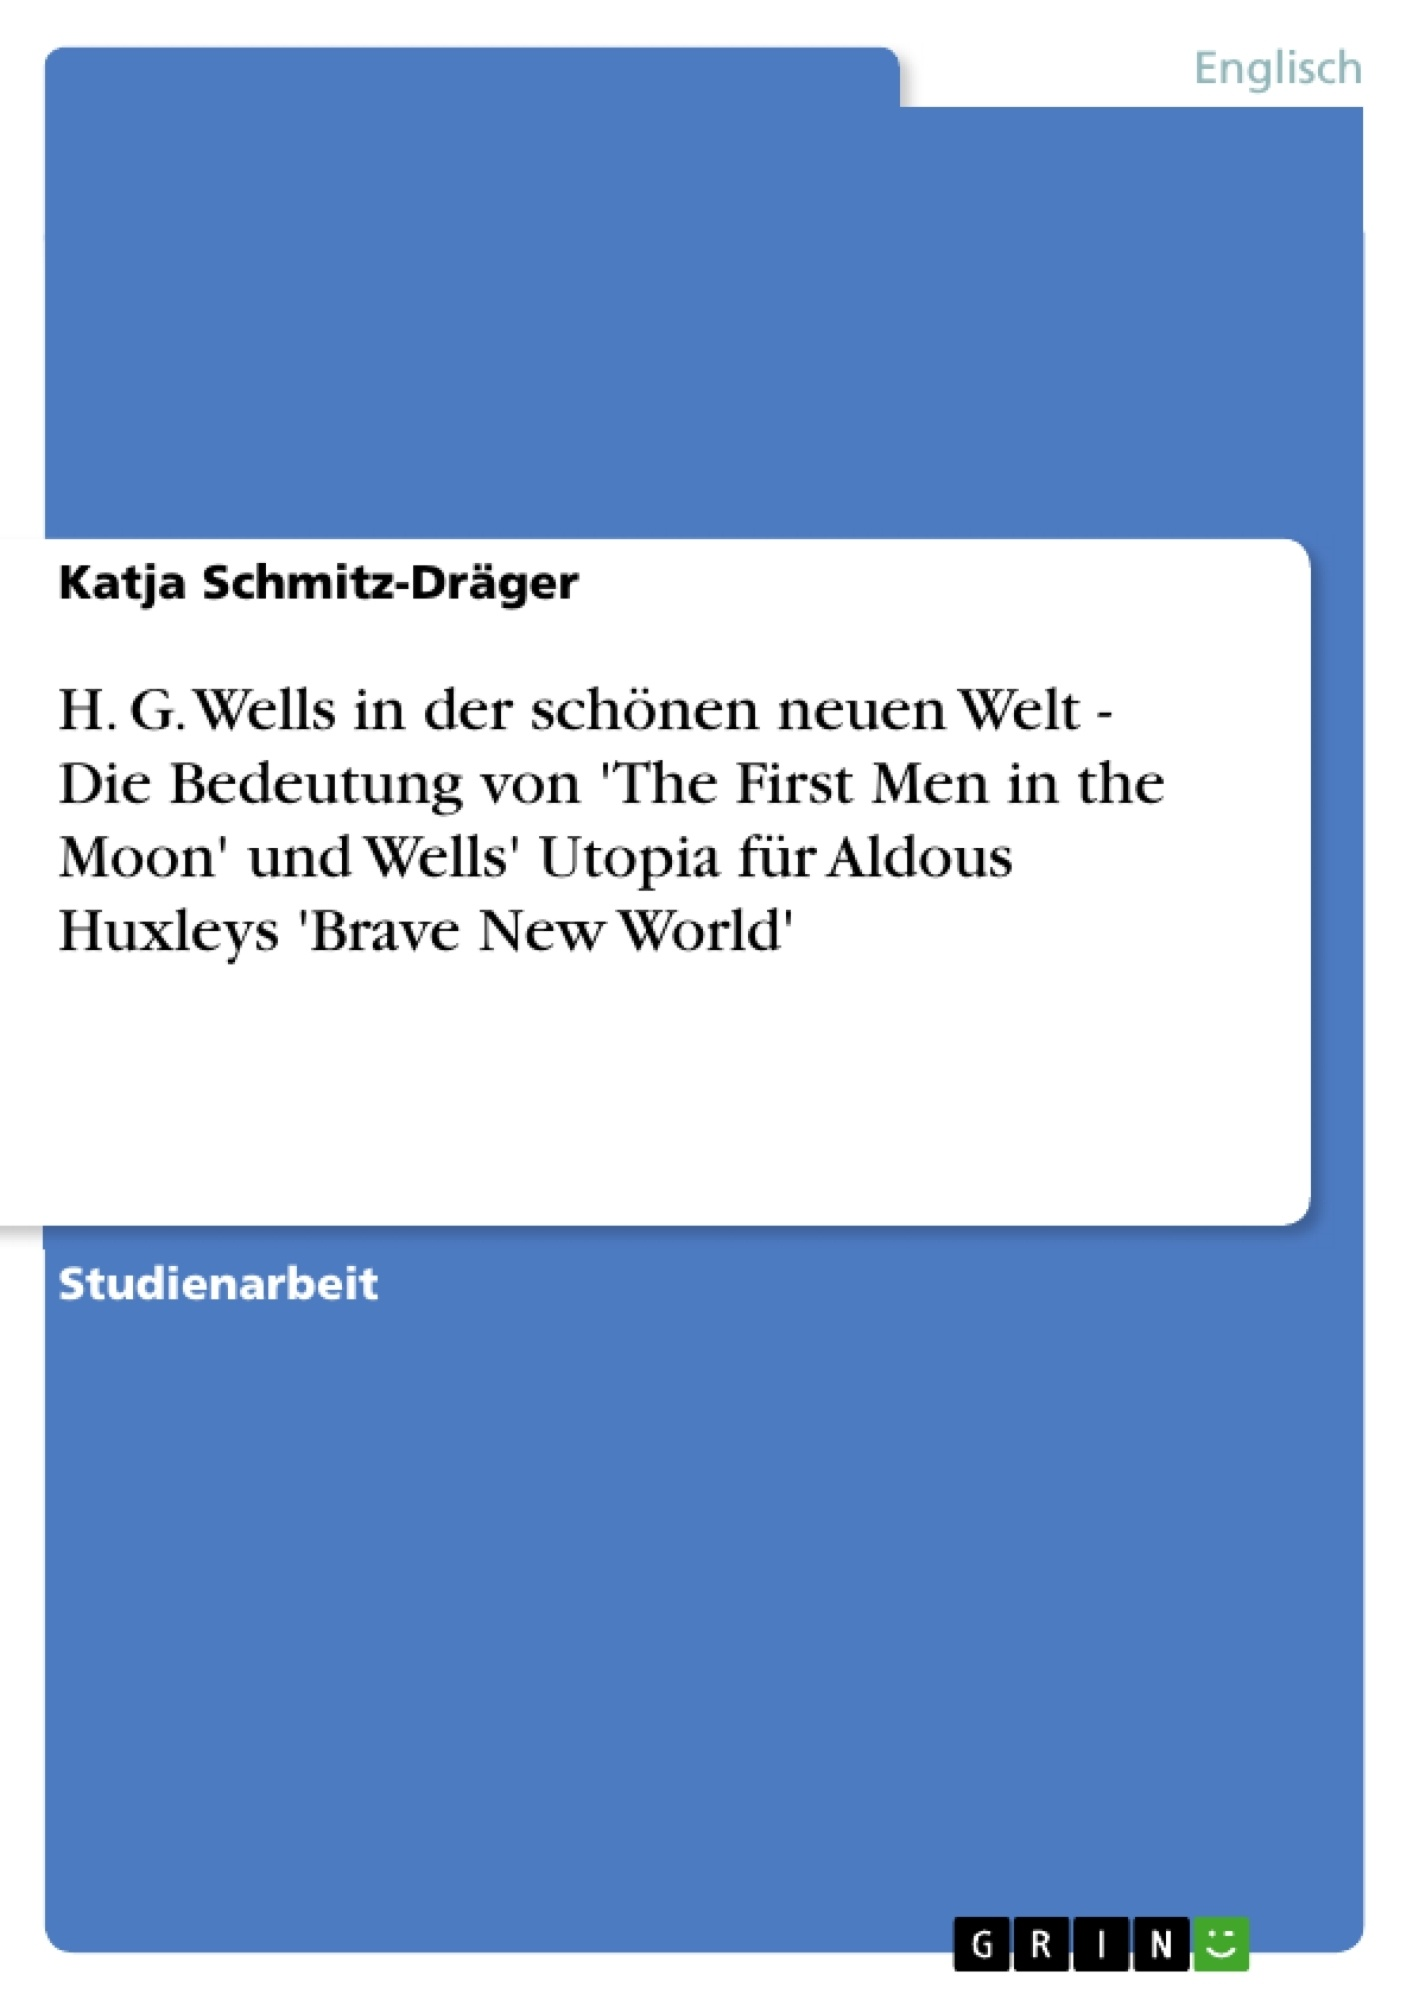 Titel: H. G. Wells in der schönen neuen Welt - Die Bedeutung von 'The First Men in the Moon' und Wells' Utopia für Aldous Huxleys 'Brave New World'